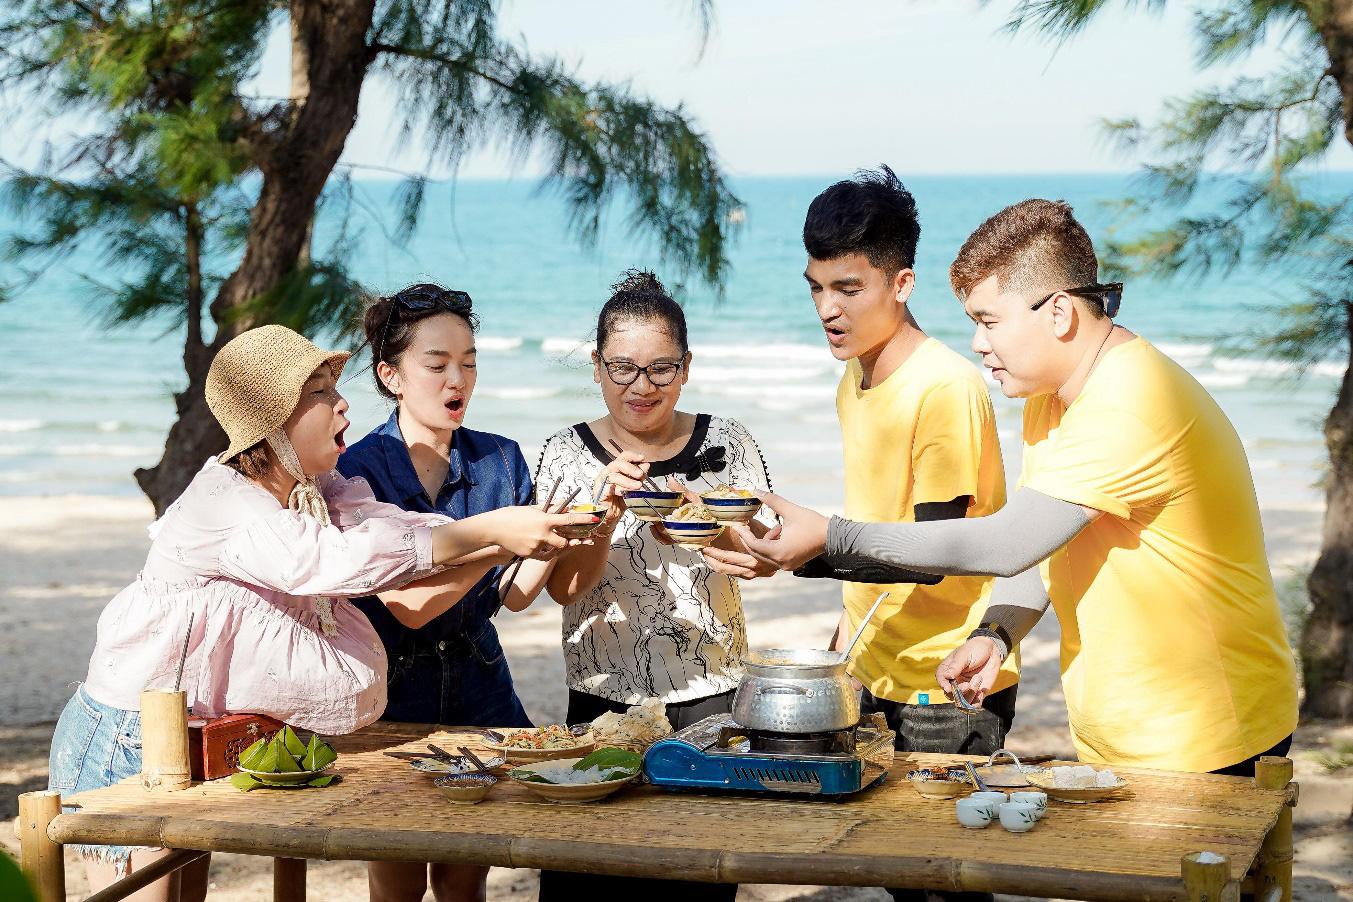 Mạc Văn Khoa cùng dàn nghệ sĩ học bí quyết làm gỏi sứa - lẩu sứa Bình Định ngon đúng điệu - Ảnh 4.